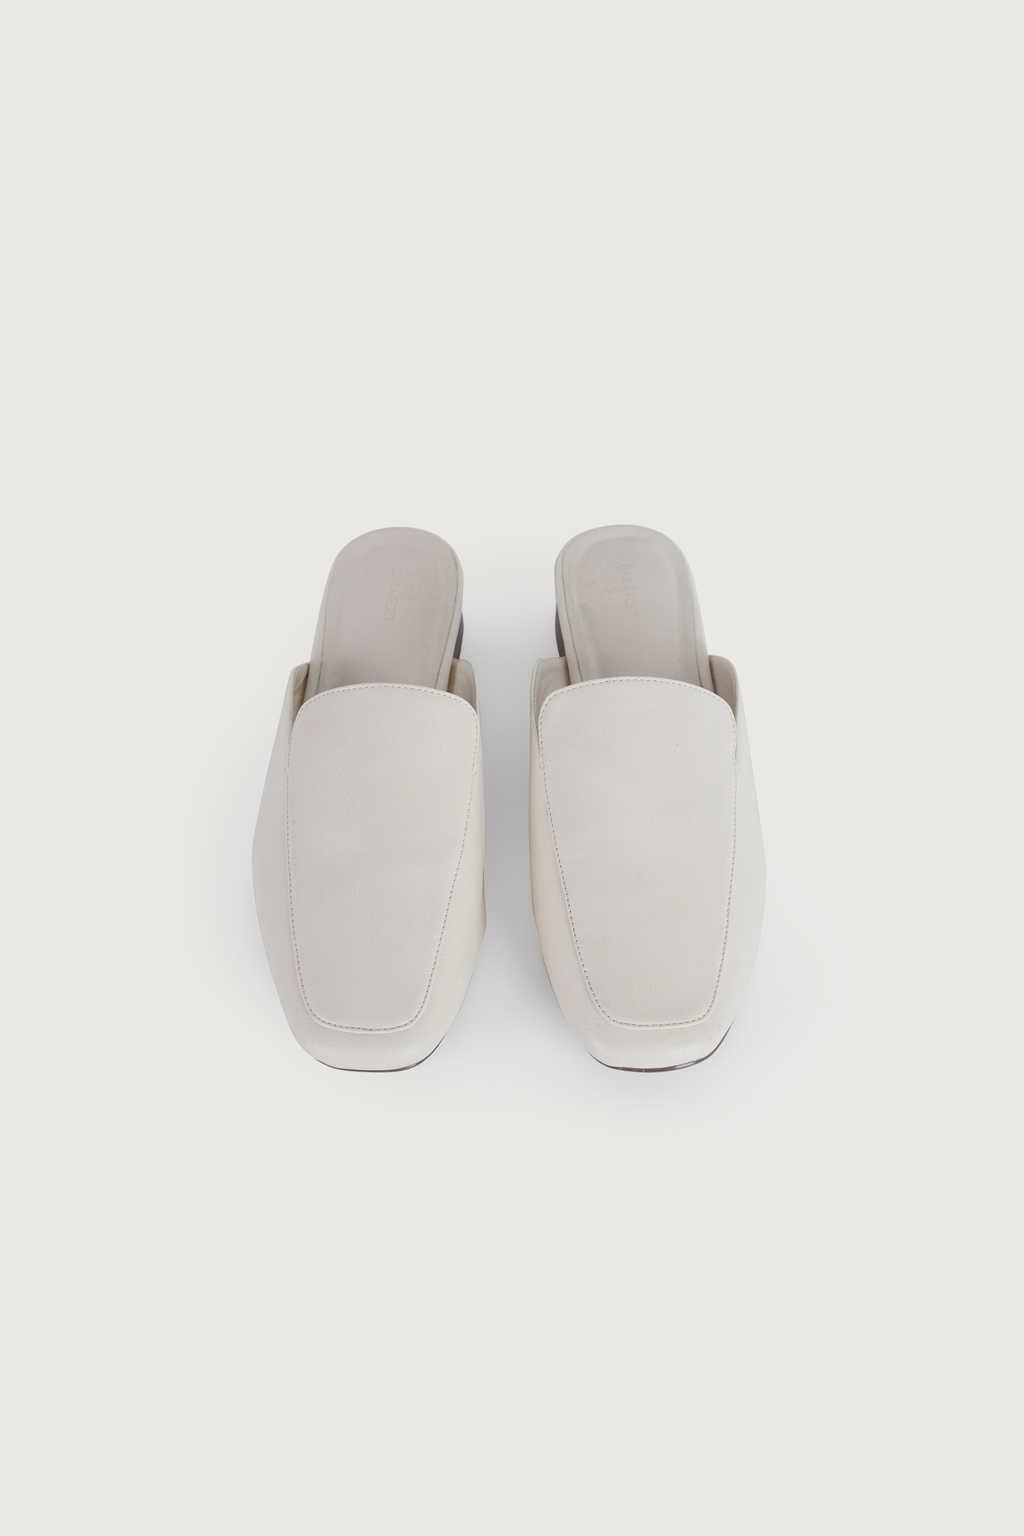 Mule 3240 Cream 5